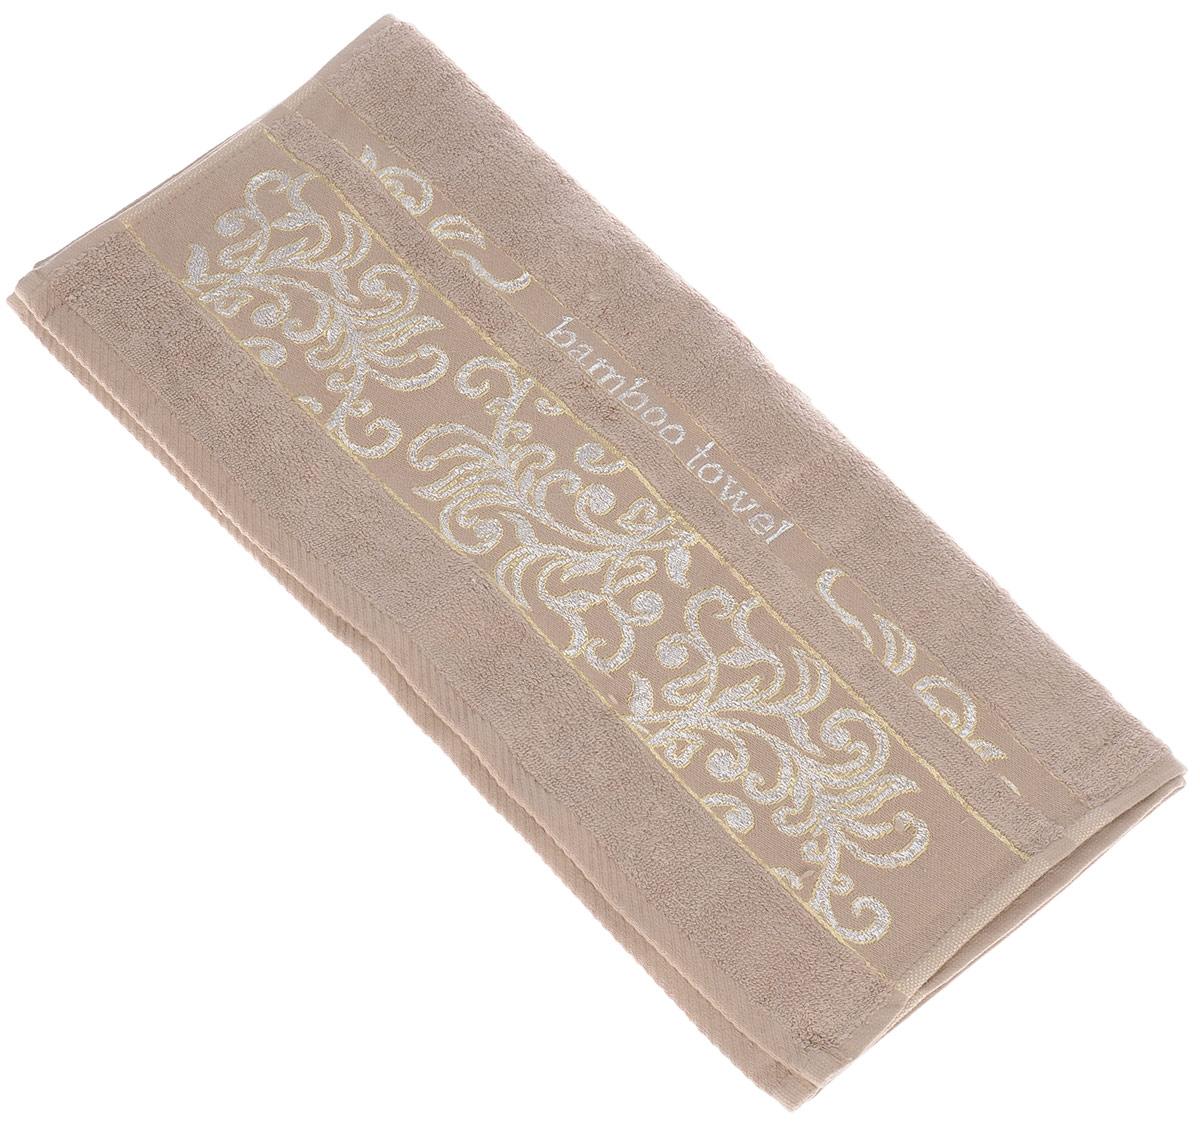 Полотенце Brielle Bamboo. Jacquard, цвет: мокко, 50 см х 90 см1212Полотенце Brielle Bamboo. Jacquard выполнено из бамбука с содержанием хлопка. Изделие очень мягкое, оно отлично впитывает влагу, быстро сохнет, сохраняет яркость цвета и не теряет формы даже после многократных стирок. Модель оформлена узорным рисунком и надписью. Полотенце Brielle Bamboo. Jacquard очень практично и неприхотливо в уходе. Такое полотенце послужит приятным подарком.